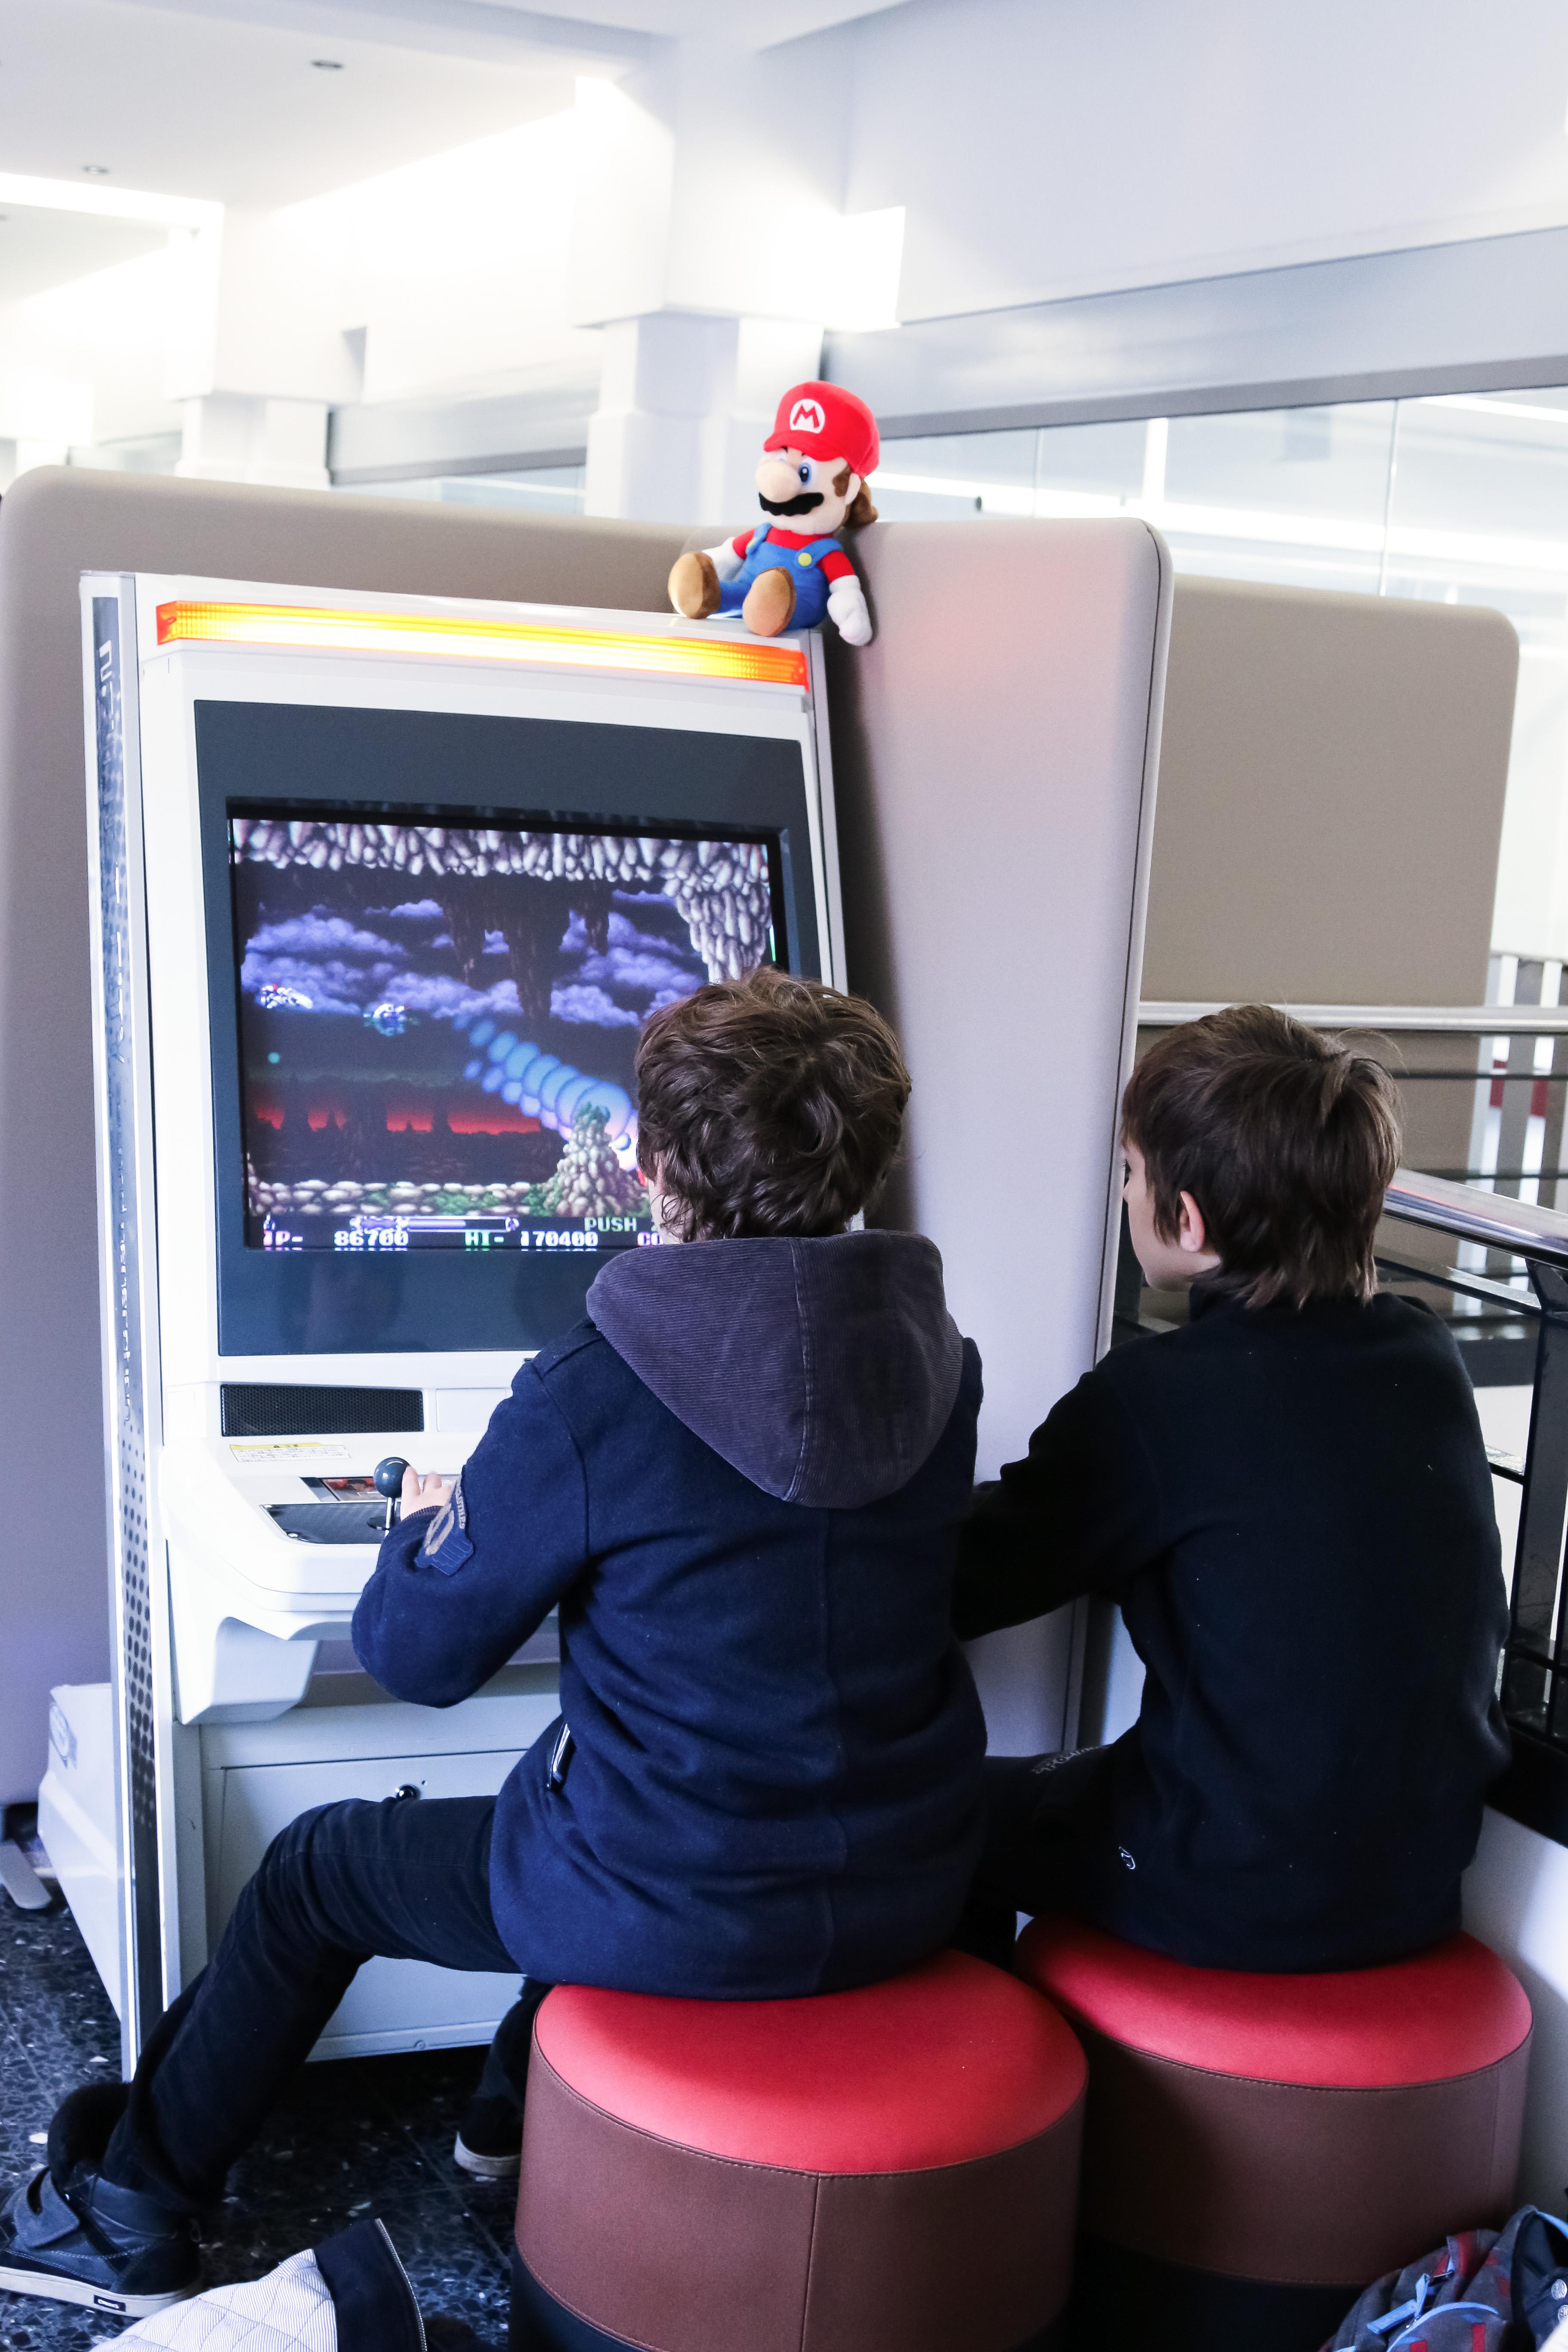 Médiathèque Manufacture : la borne d'arcade dans l'espace jeux vidéos